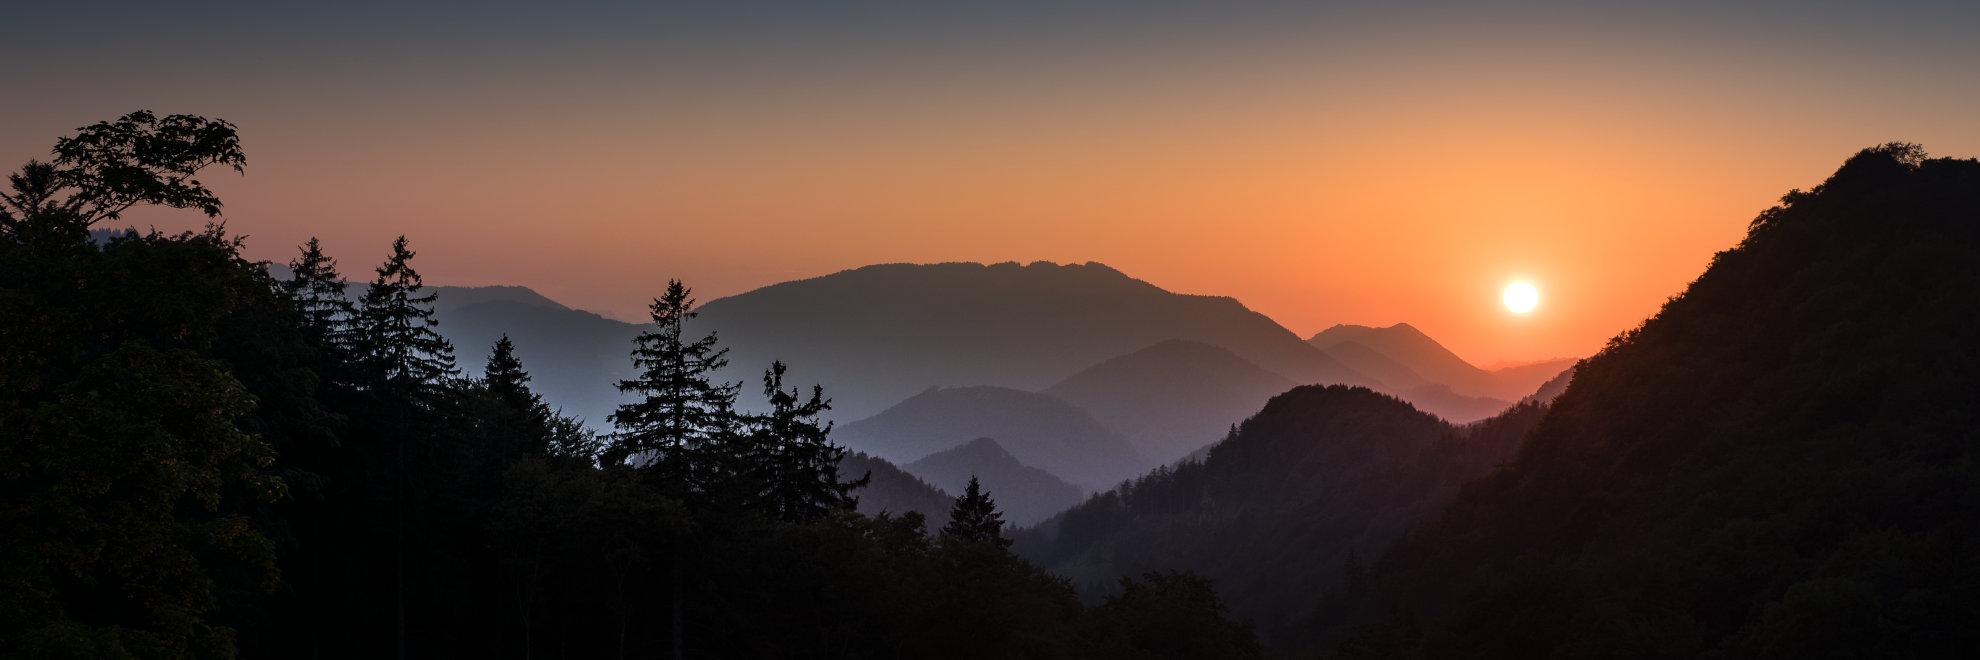 Hintergrundbild Arbeitseise - Hochbärneck Sonnenuntergang - niederer Unternehmensbegleitung